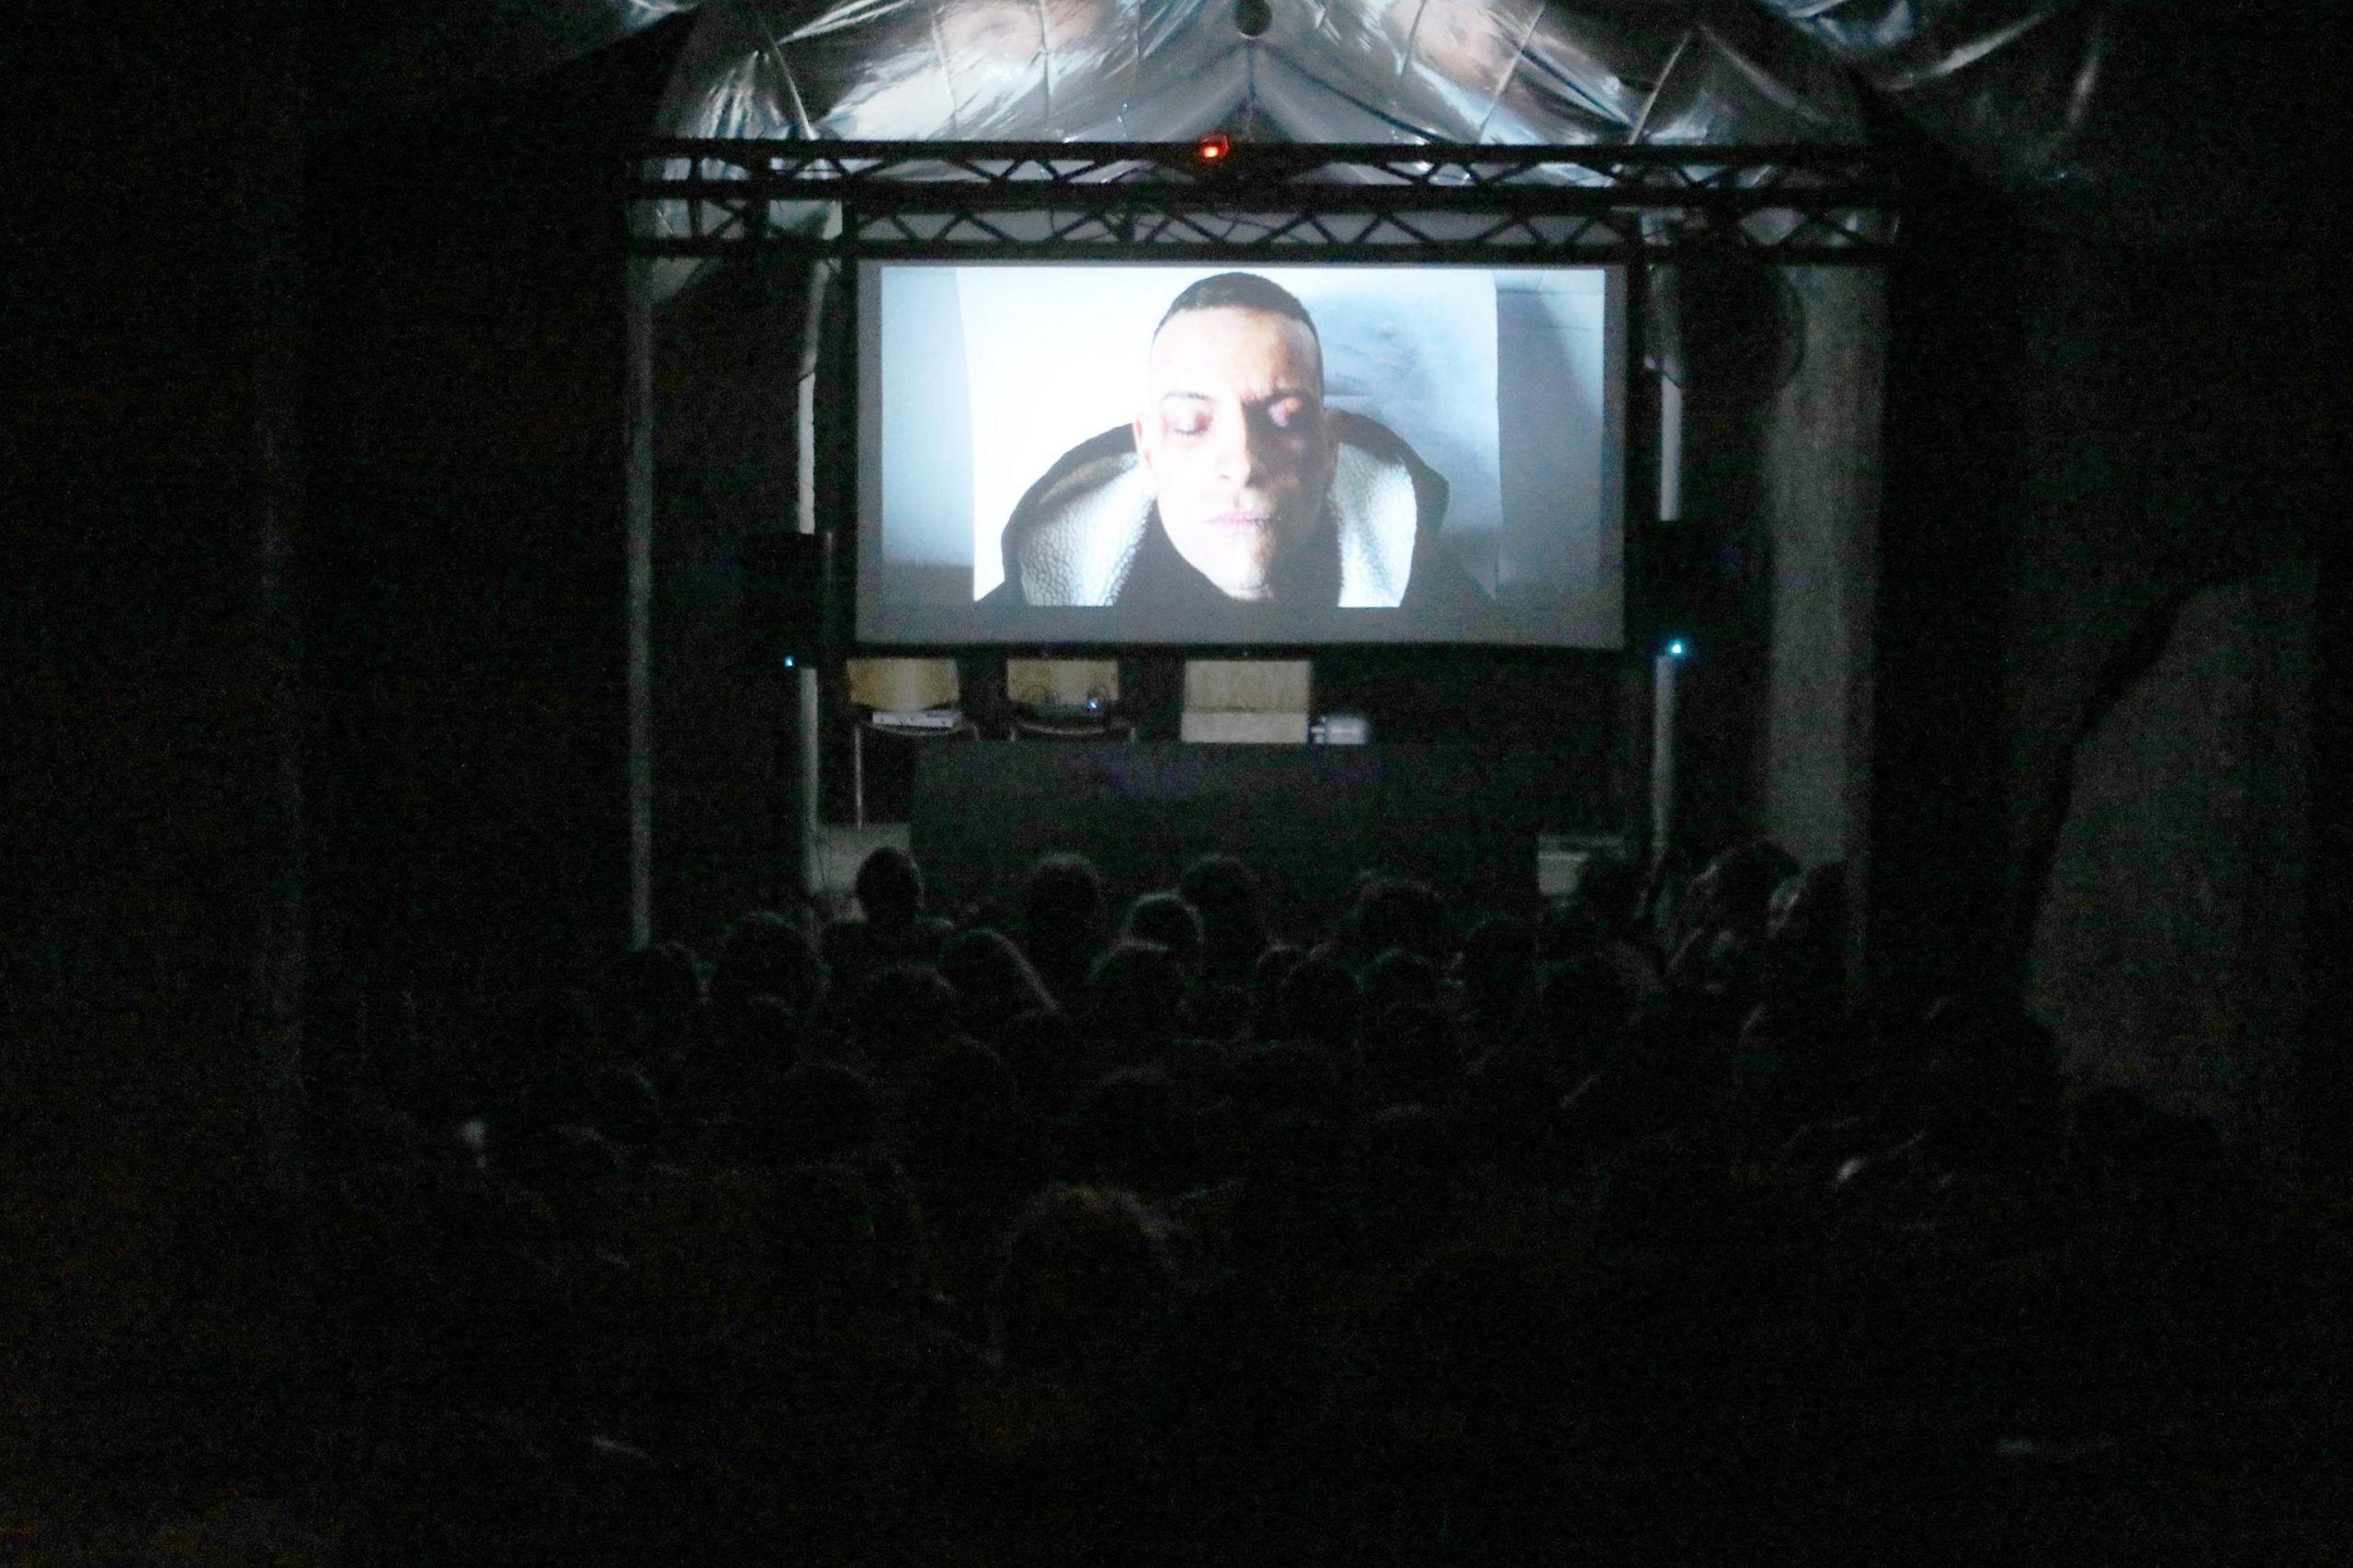 FILM SU CUCCHI DIVENTA FENOMENO, TRA PIAZZA, SALE E SCUOLE